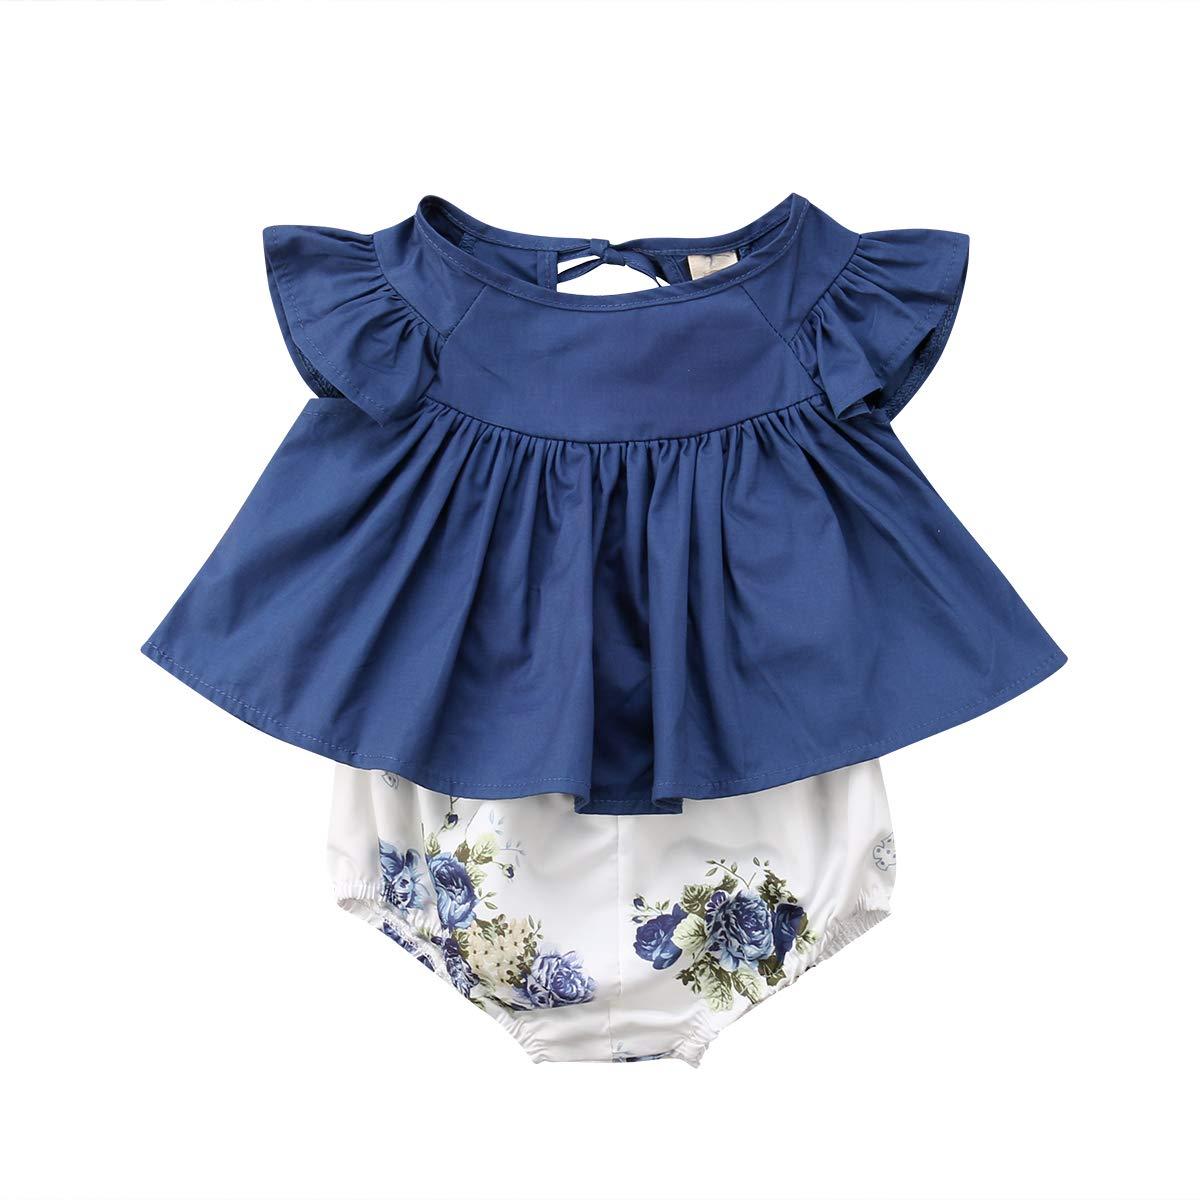 Newborn Baby Girls Clothes Ruffles Flutter Sleeve Denim Dress Tops Floral Shorts Pants Outfit Set